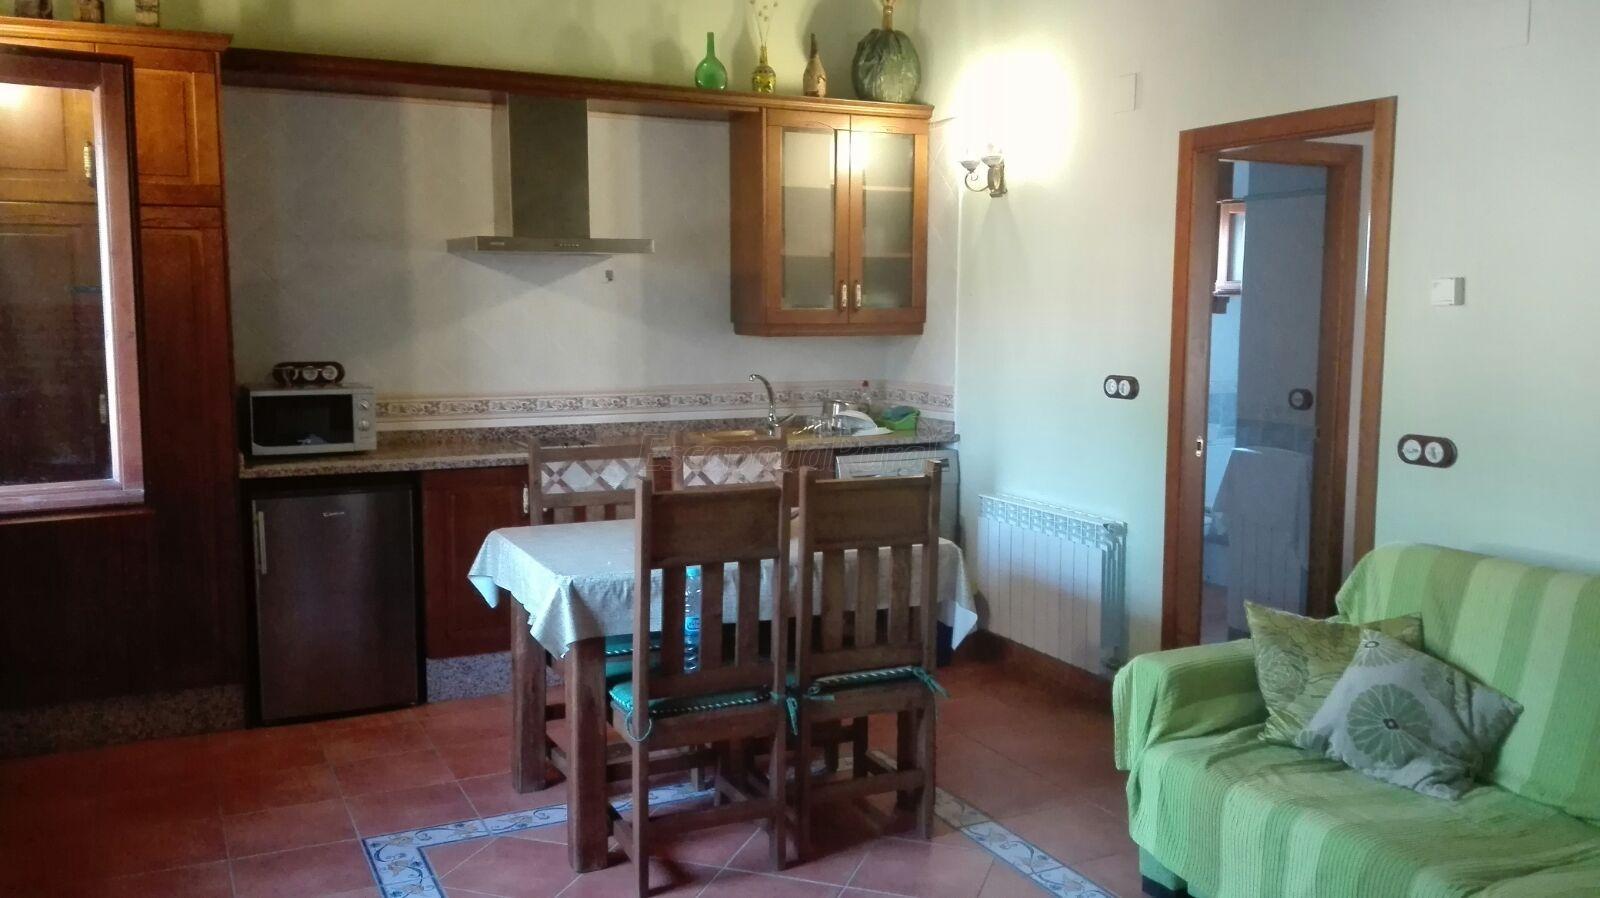 Opiniones sobre casa y apartamentos sanahuja teruel - Qcasa opiniones ...